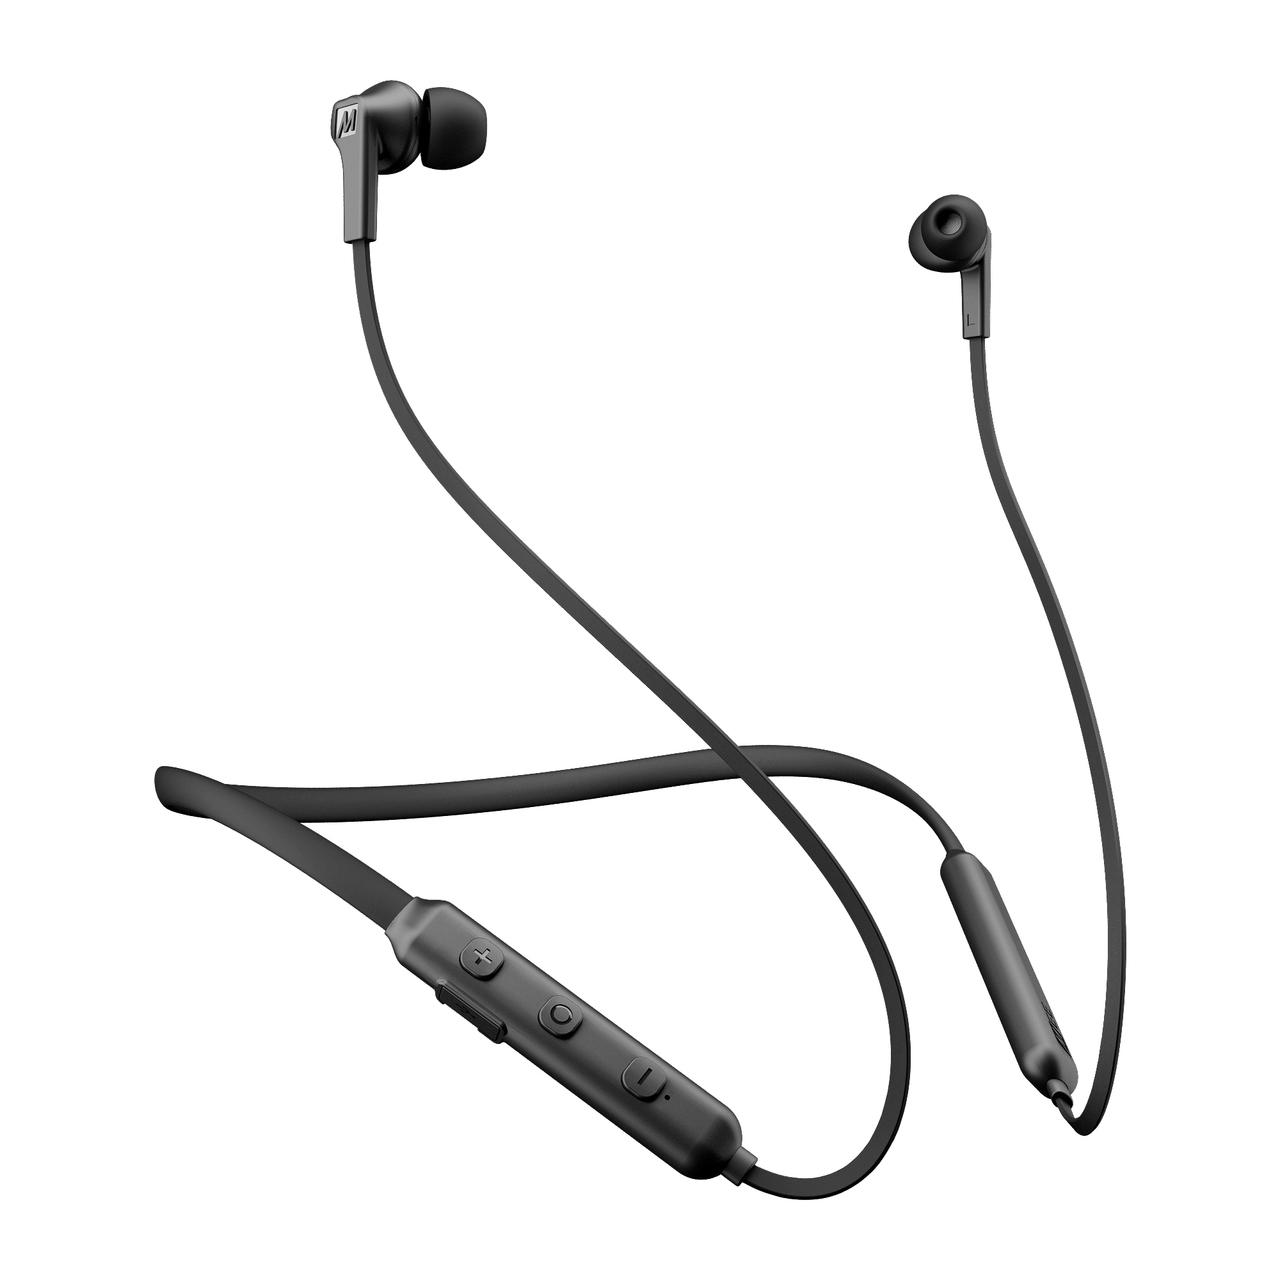 MEE Audio EP-N1-BK-MEE N1 Bluetooth Wireless Neckband In-Ear Headphones - Black